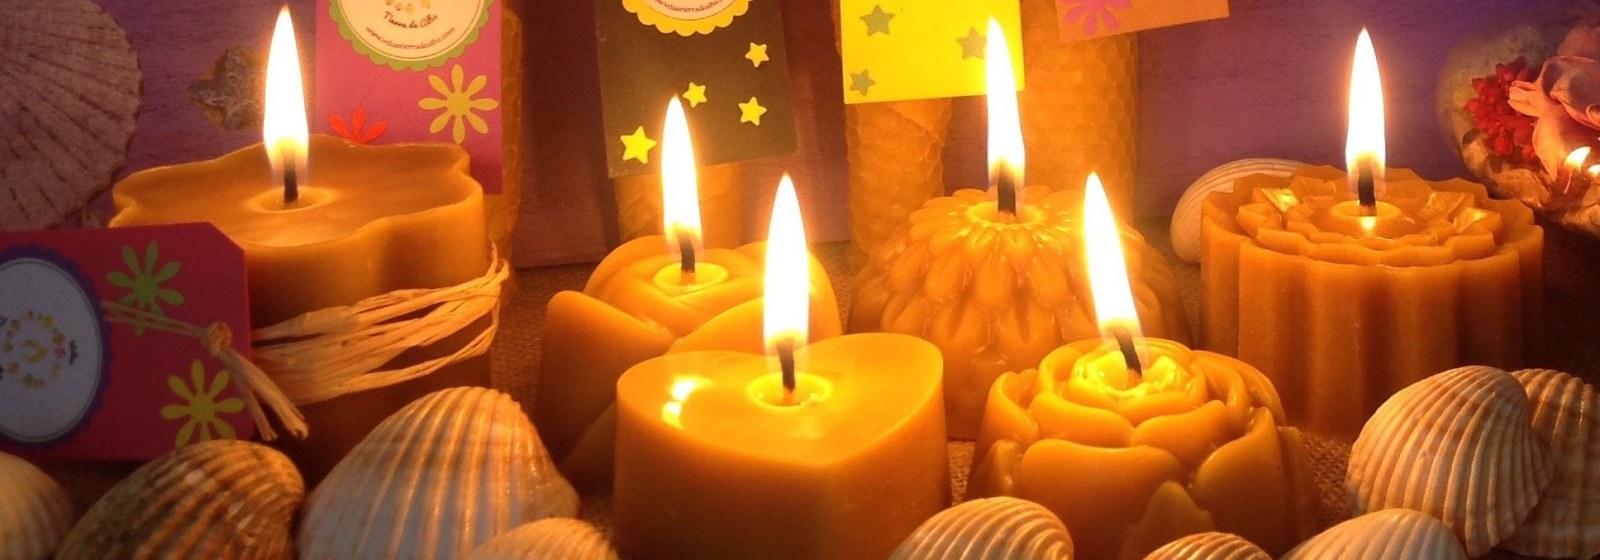 aprende a hacer velas gratis. curso online